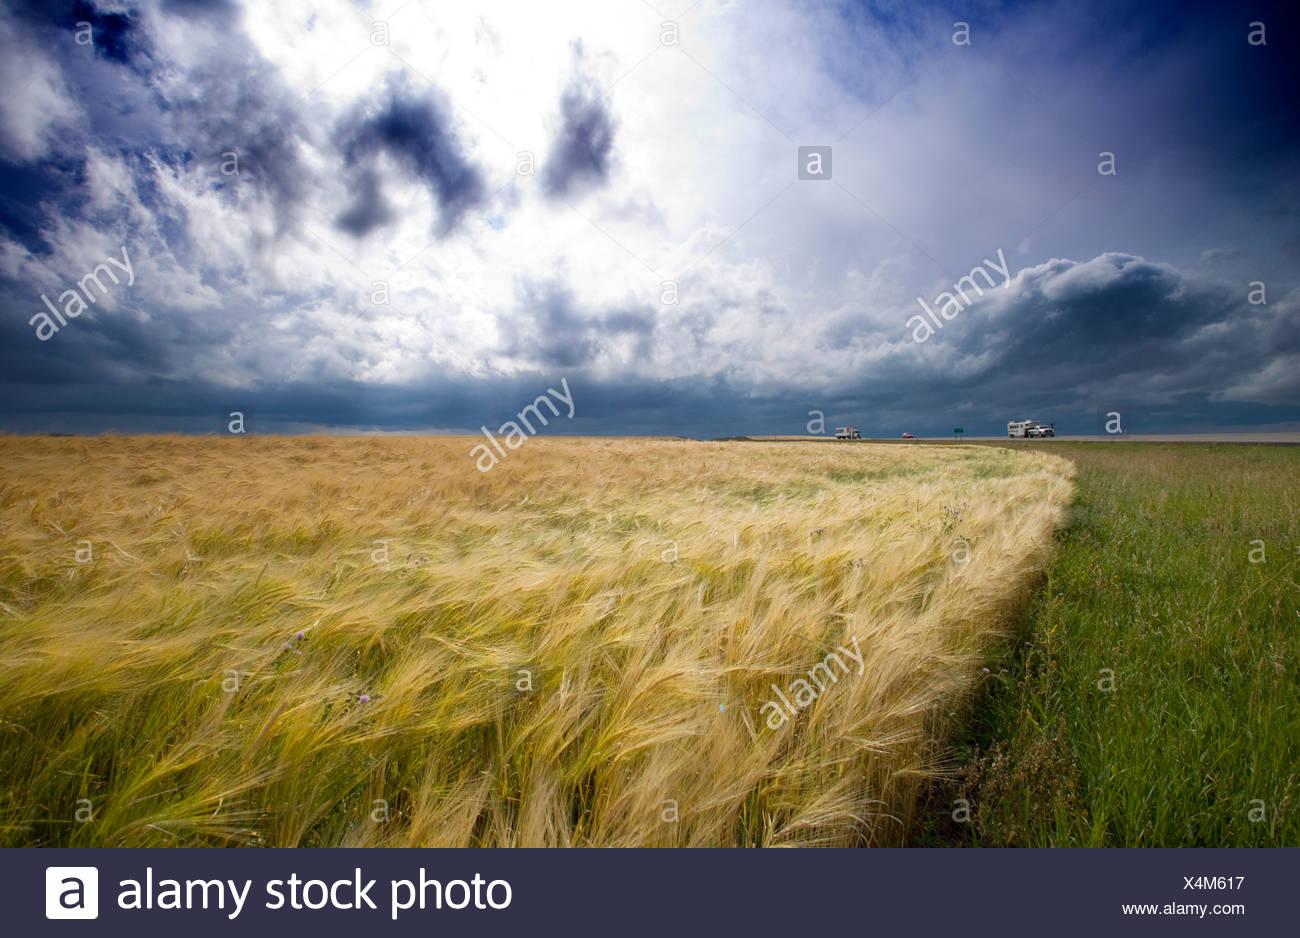 Tormenta moviendo a través de campo de grano, Ridge Road 221, Alberta, Canada, clima, cloud, camión, automóvil, agricultura Imagen De Stock